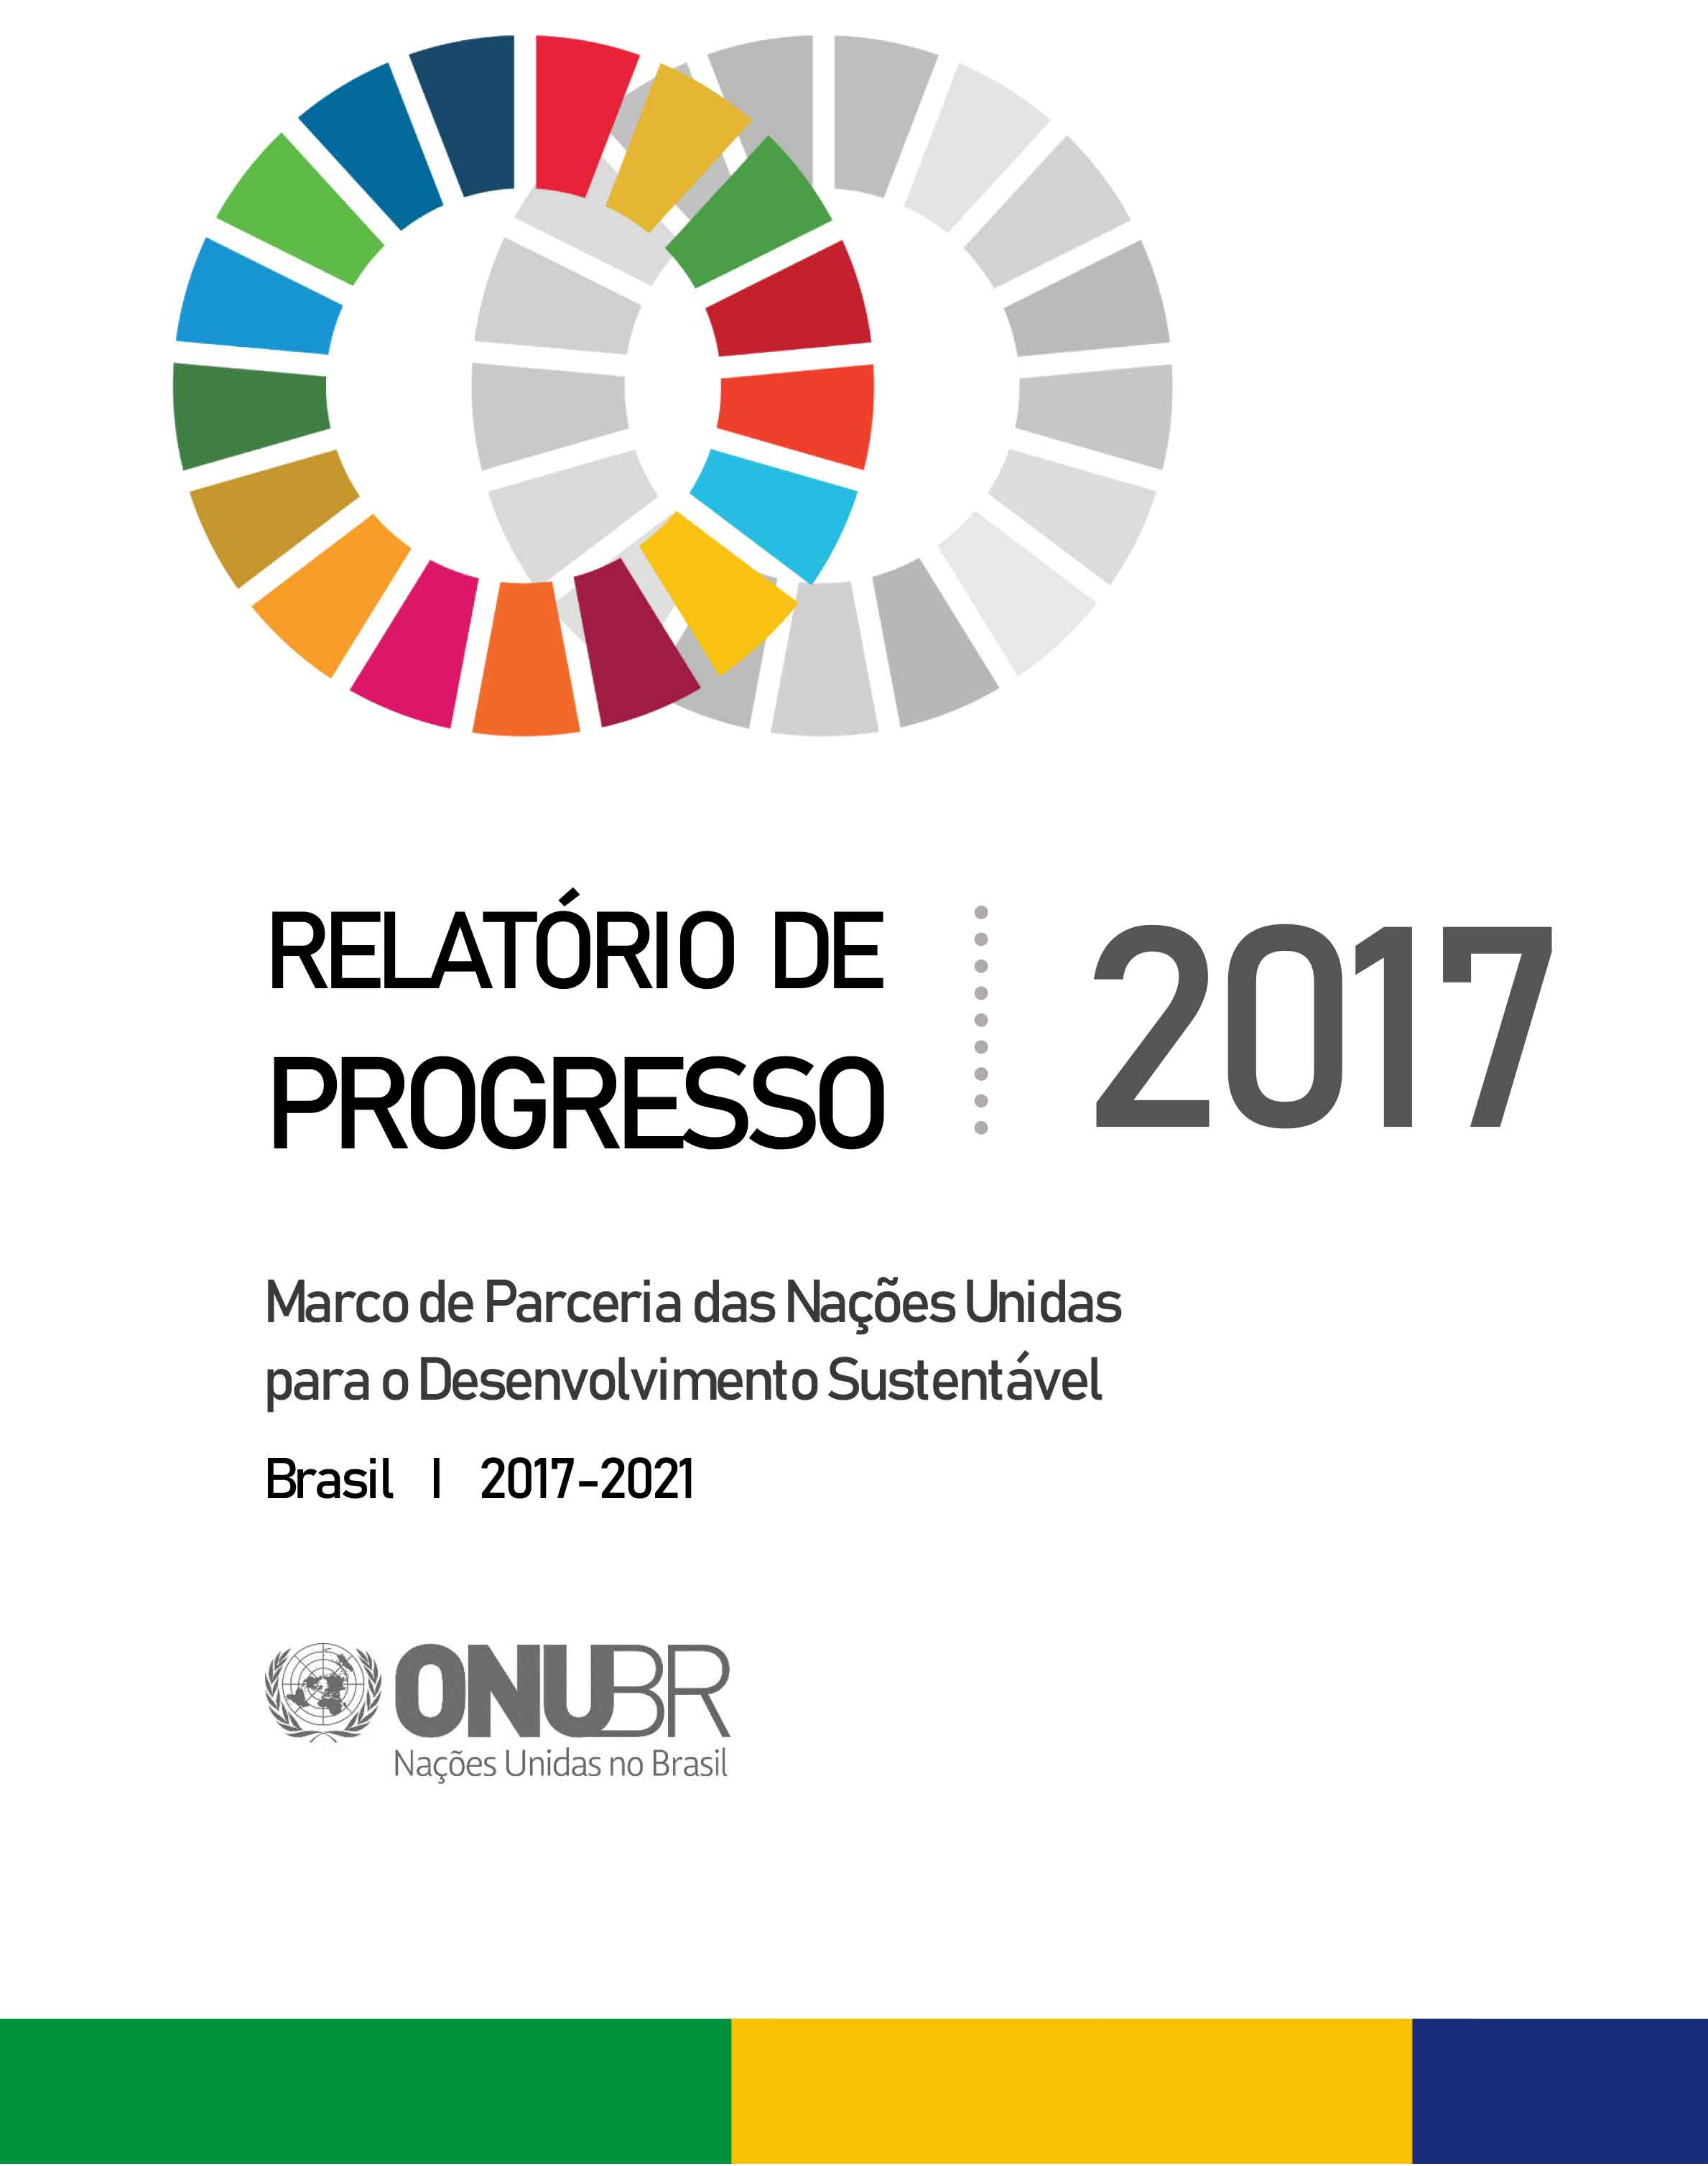 Marco de Parceria das Nações Unidas para o Desenvolvimento Sustentável 2017-2021: relatório de progresso 2017